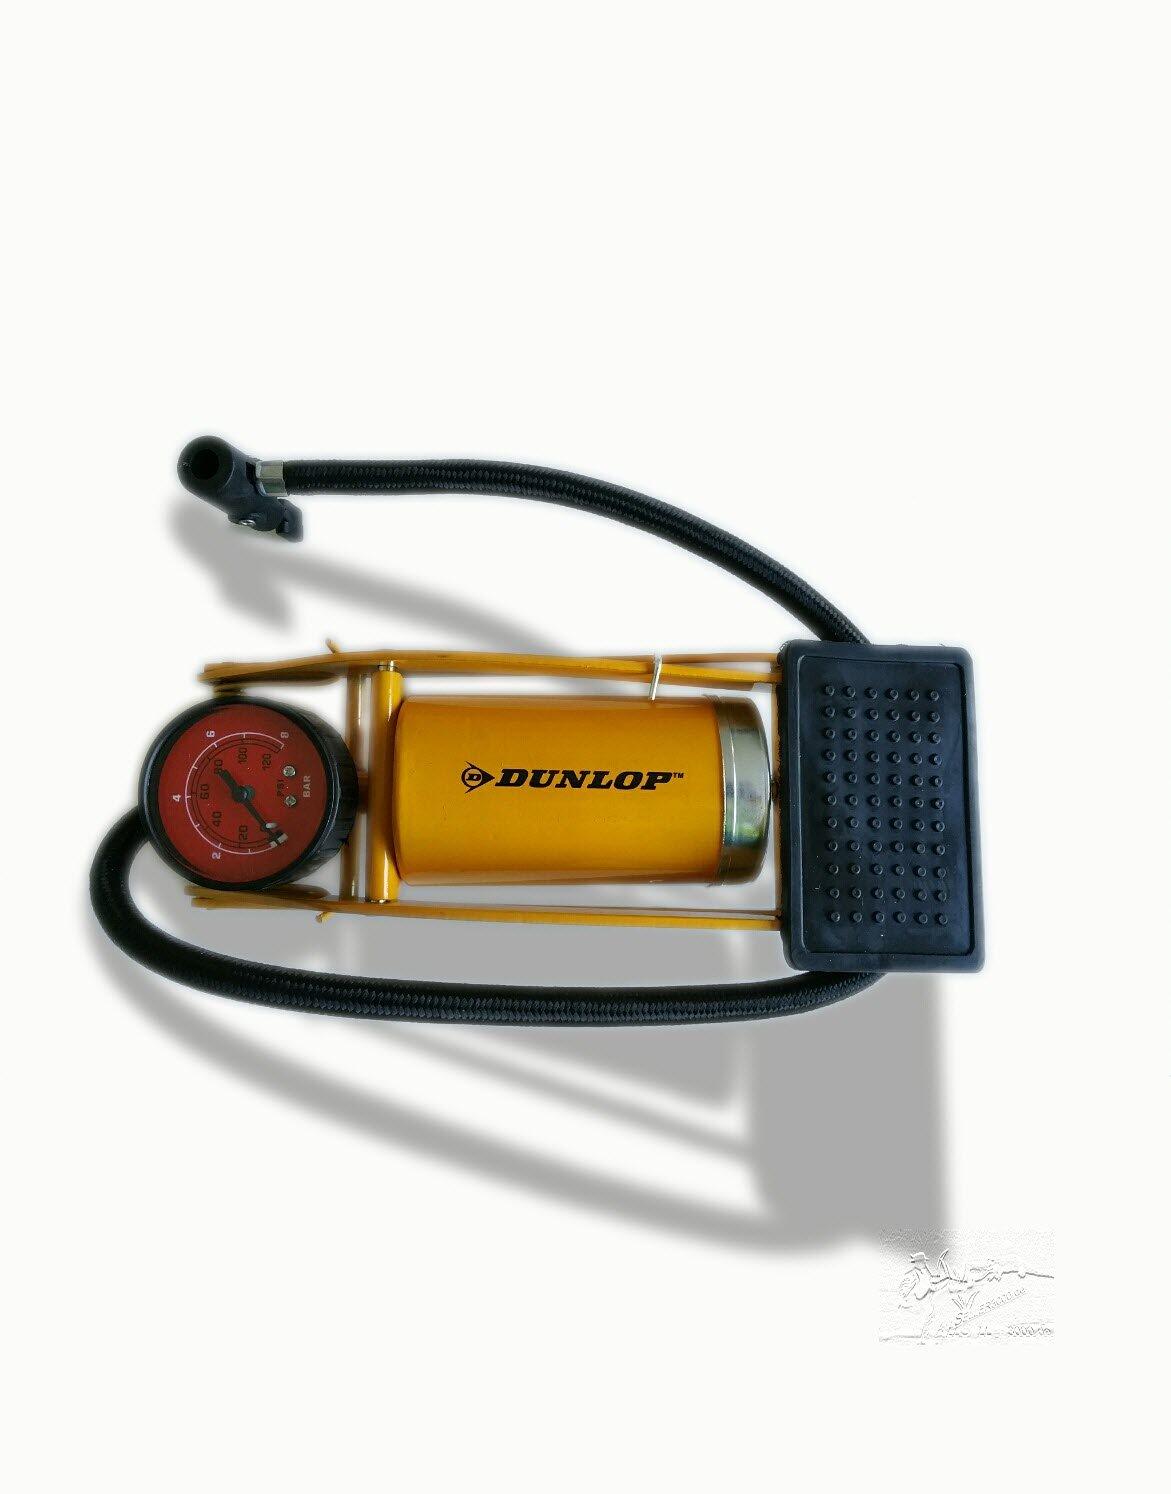 pompa da bicicletta e auto Dunlop pompa a pedale pompa ad aria pompa a pedale con manometro